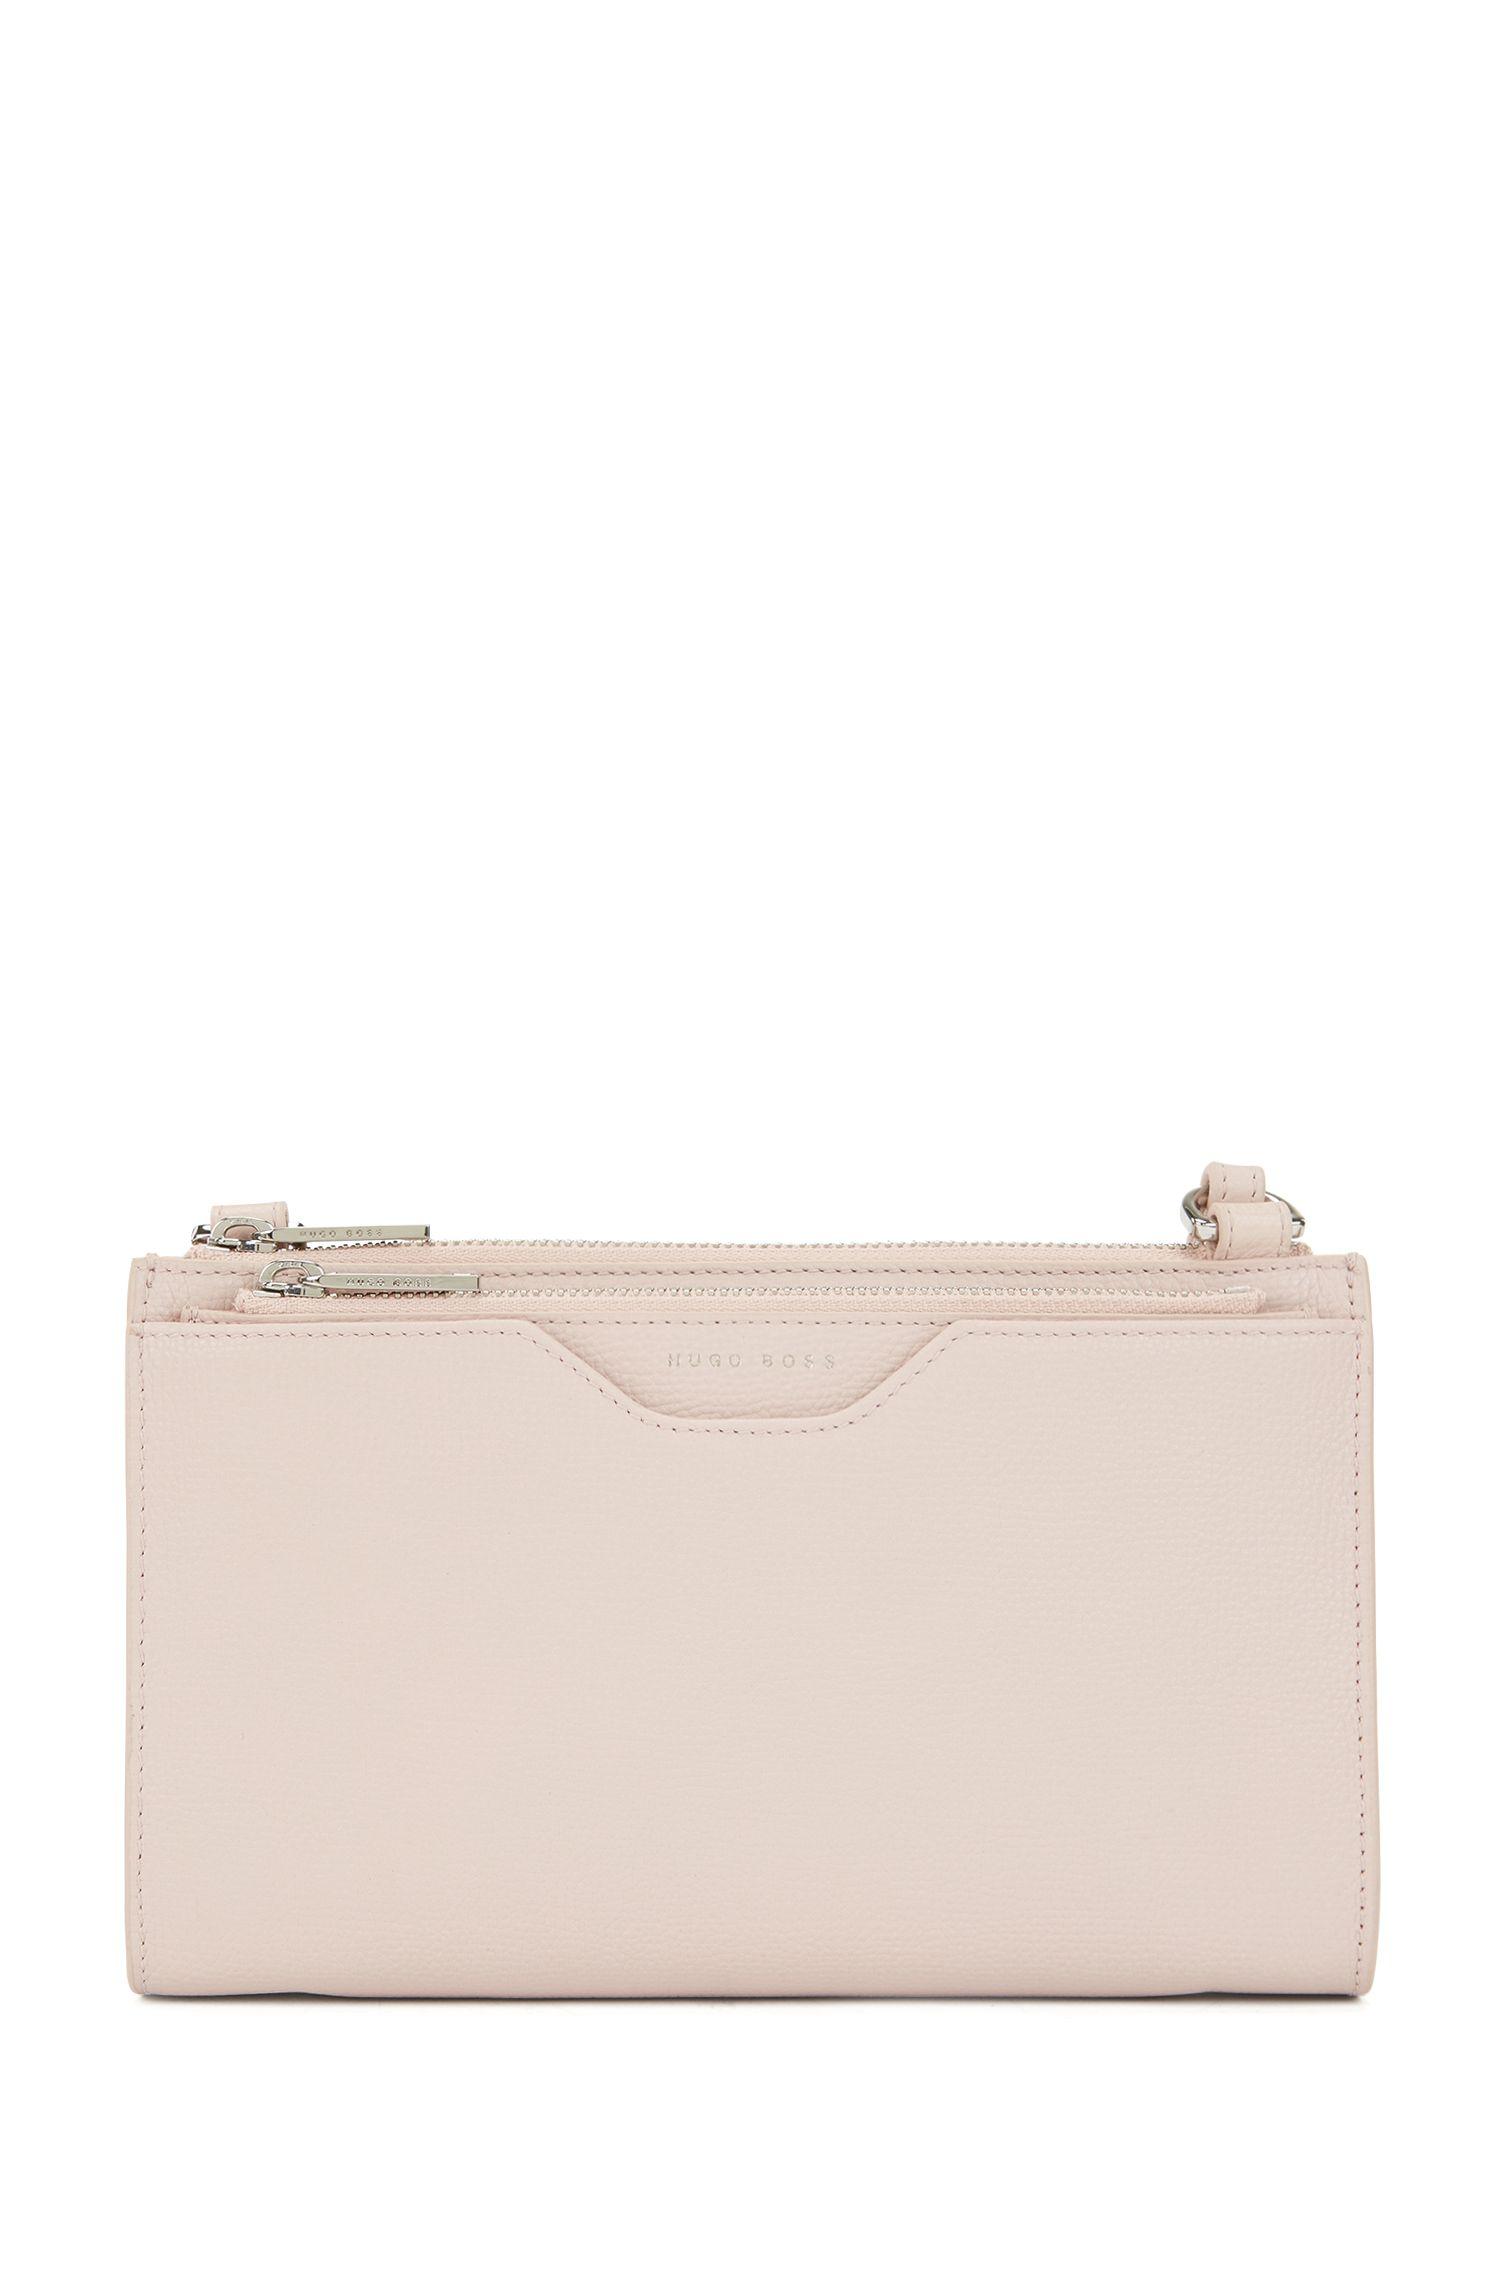 Borsa a tracolla in pelle di vitello realizzata in Italia con borsellino rimovibile, Rosa chiaro